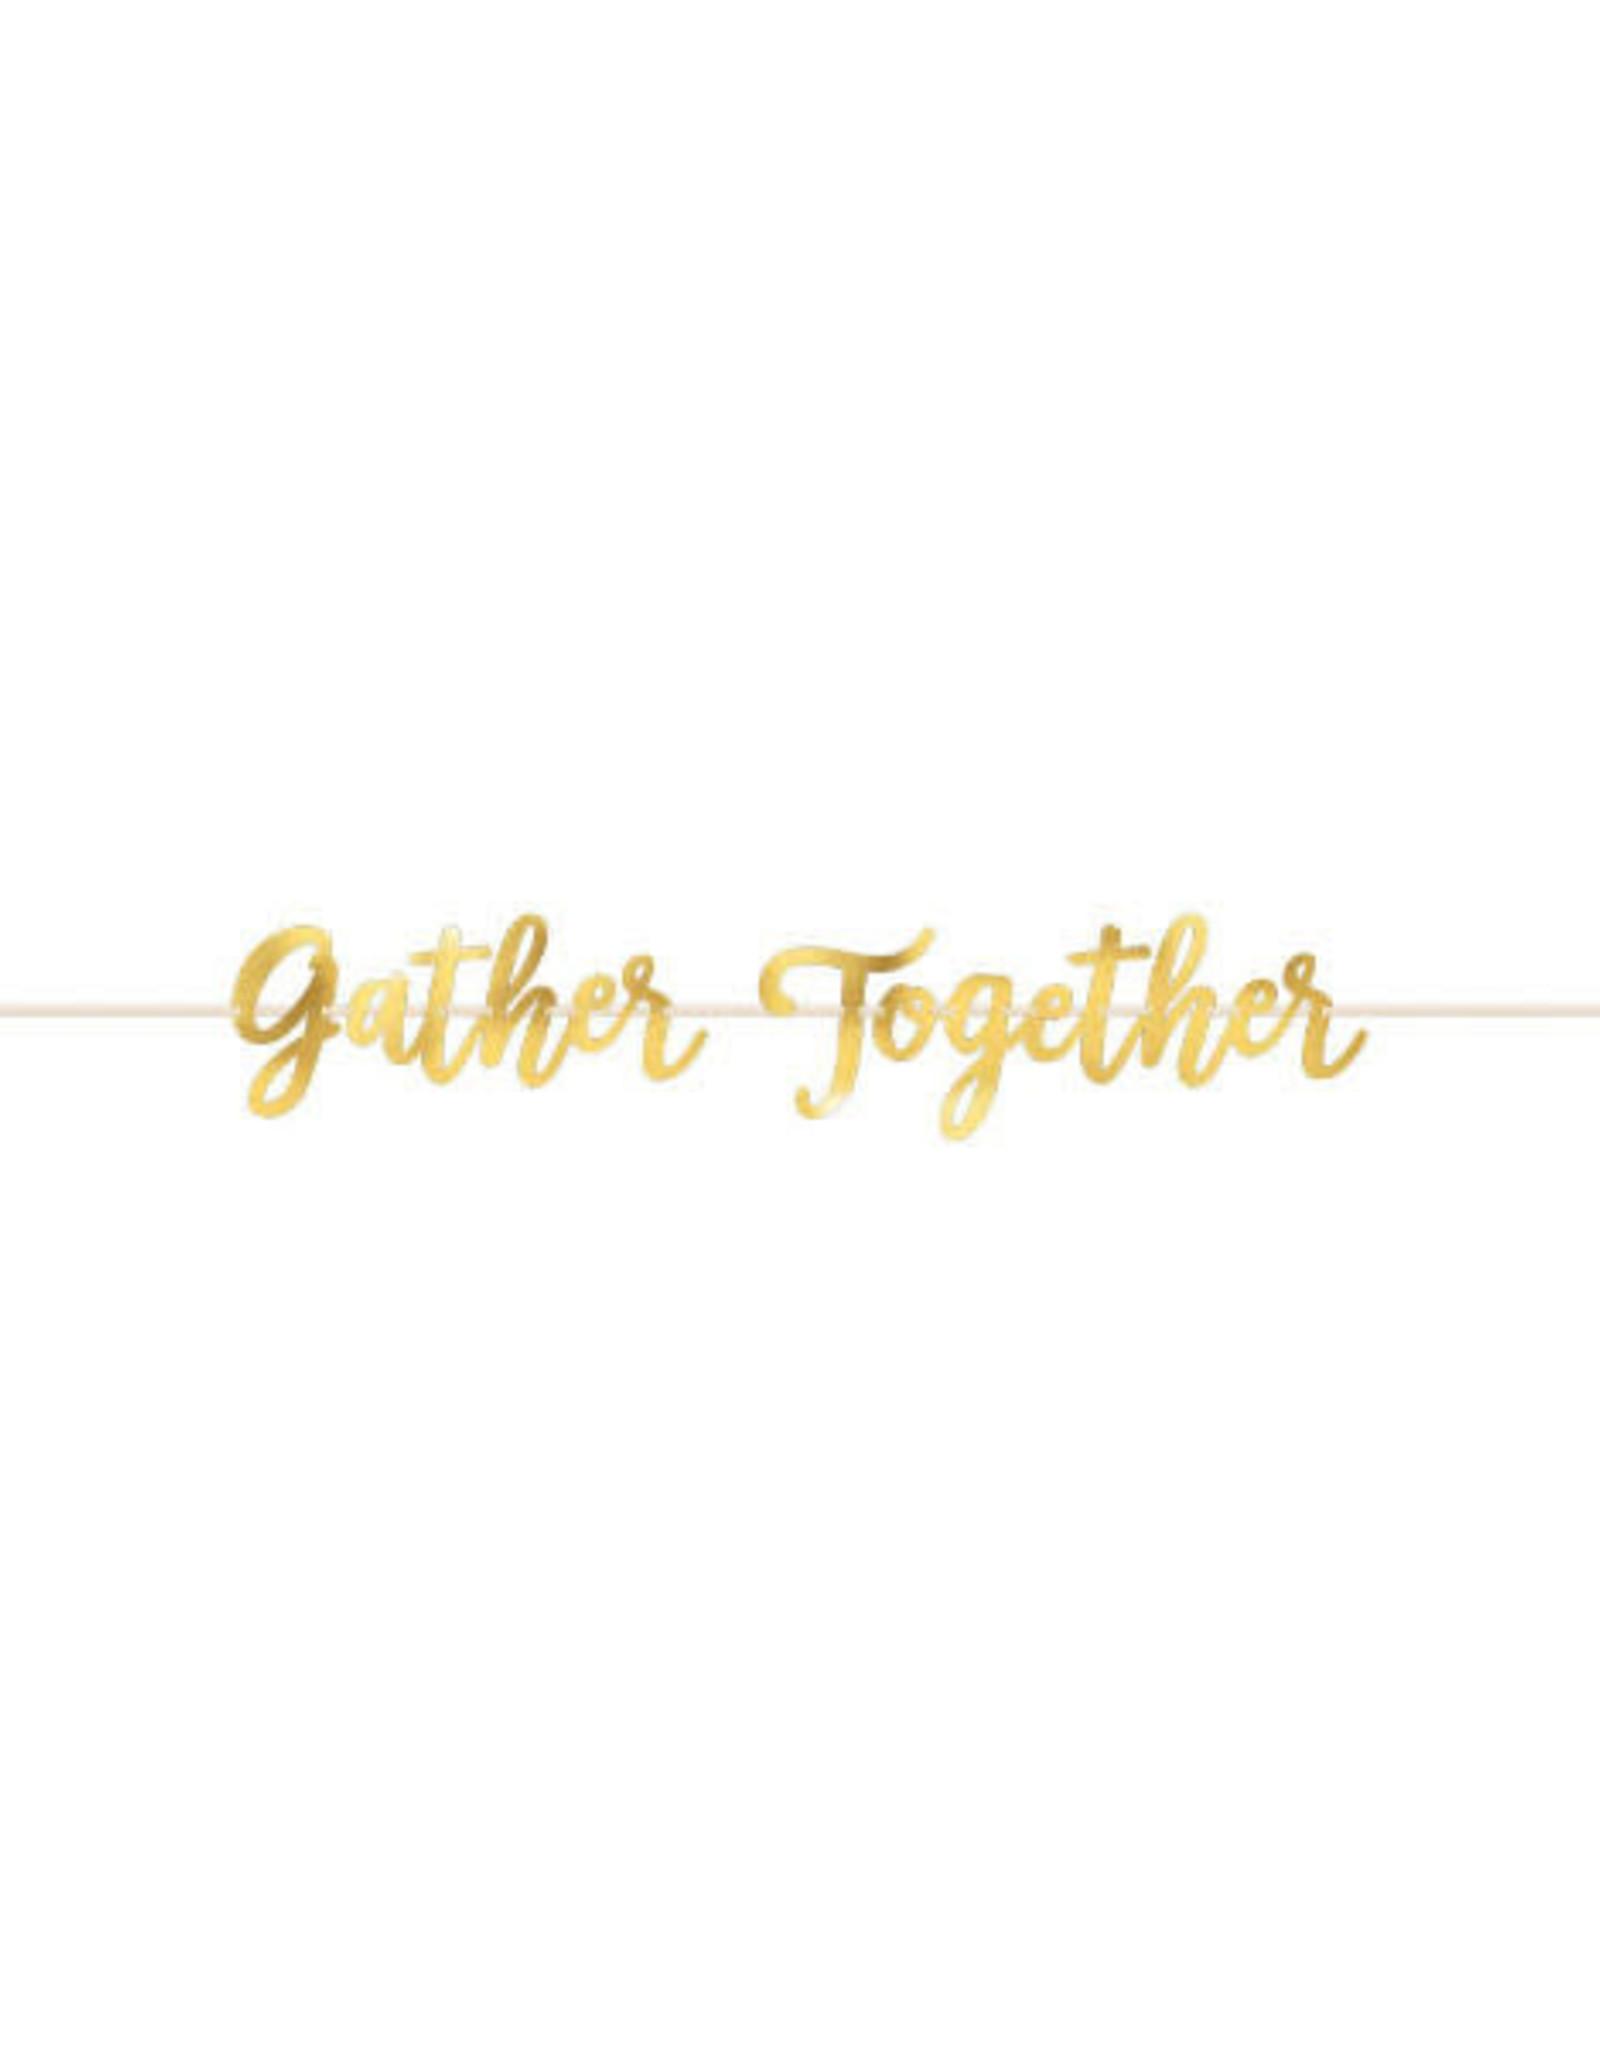 'Gather Together' 12FT Banner